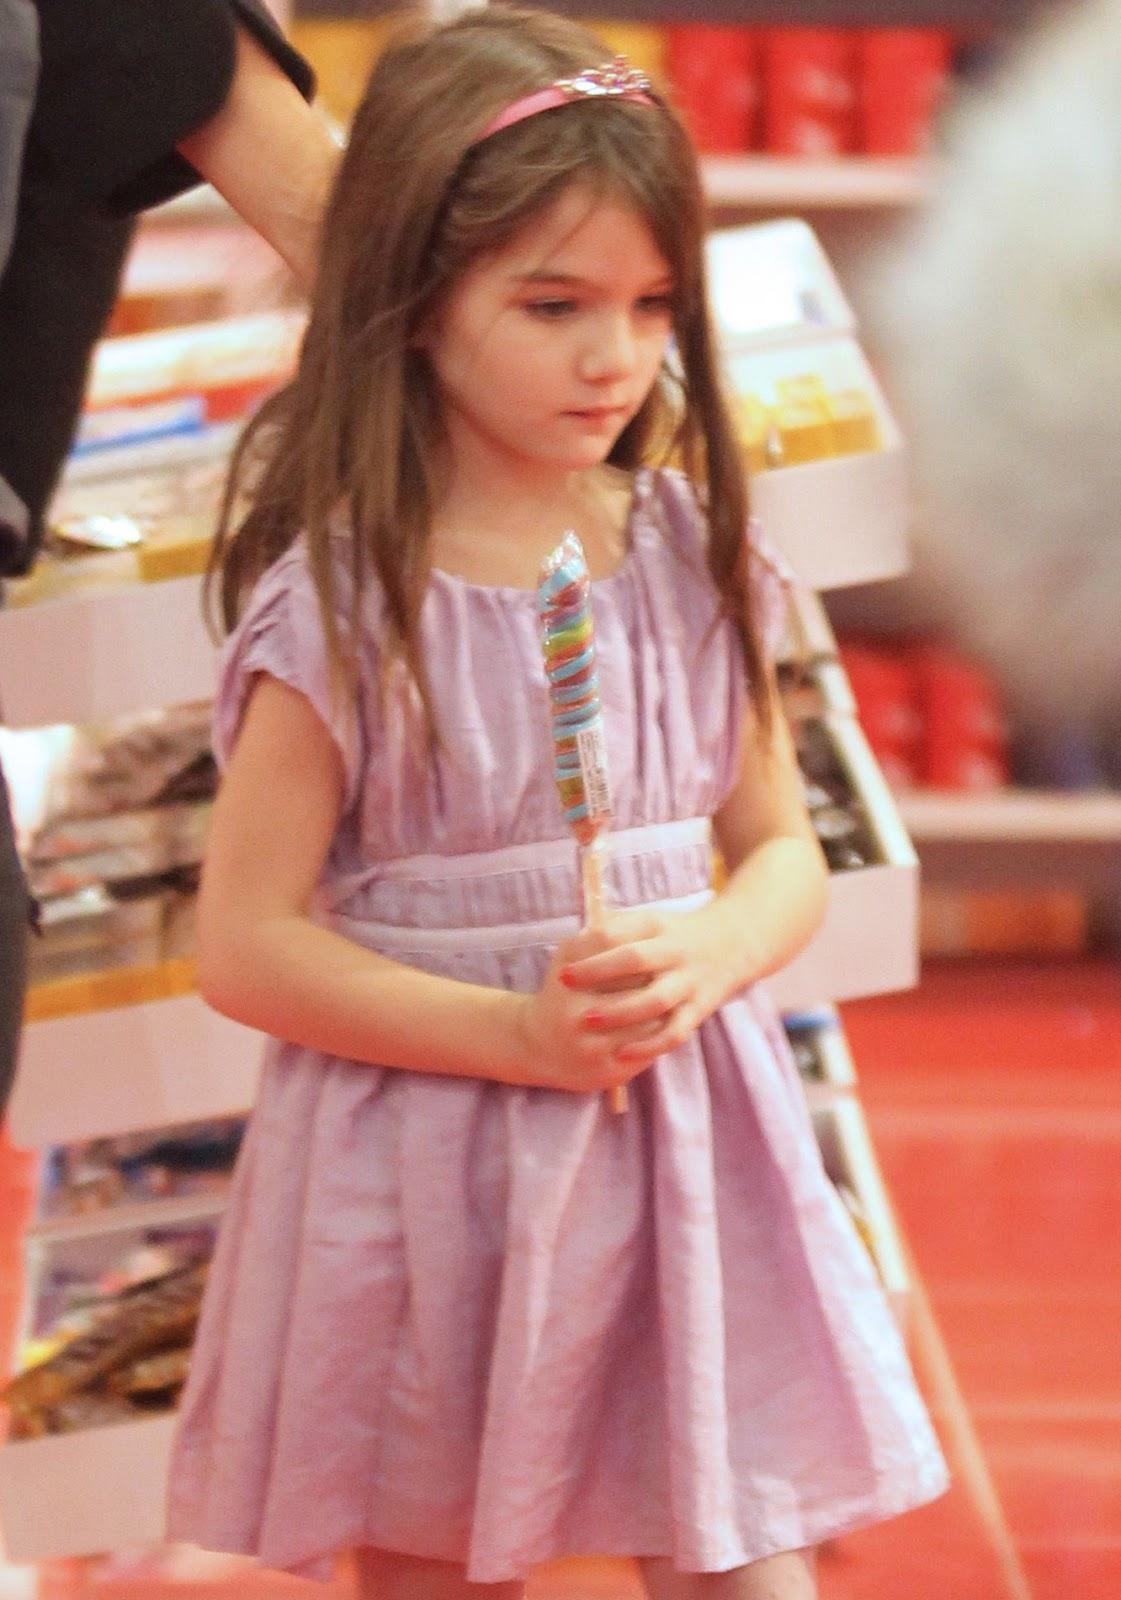 http://1.bp.blogspot.com/-chM9pS-yLh4/TwINDpXe-dI/AAAAAAAAGjQ/P7lp5gyZX1I/s1600/suri-inside-fao-store-candy.jpg